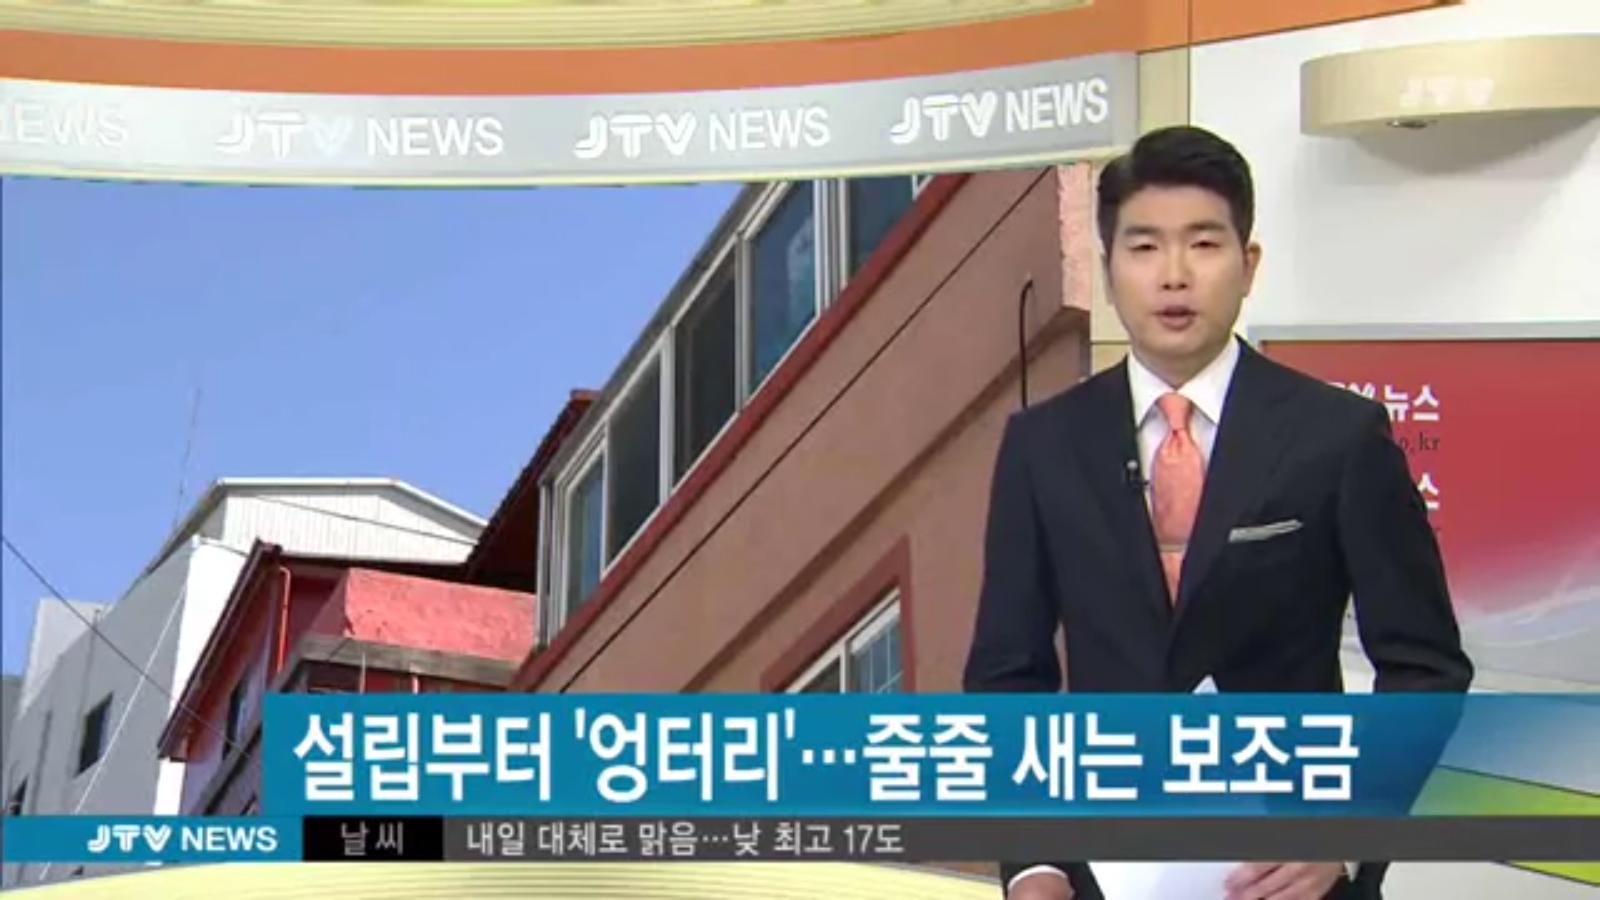 [17.11.05 JTV] 봉침목사 시설 모태인 단체도 설립부터 '엉터리'...줄줄 새는 보조금1.jpg